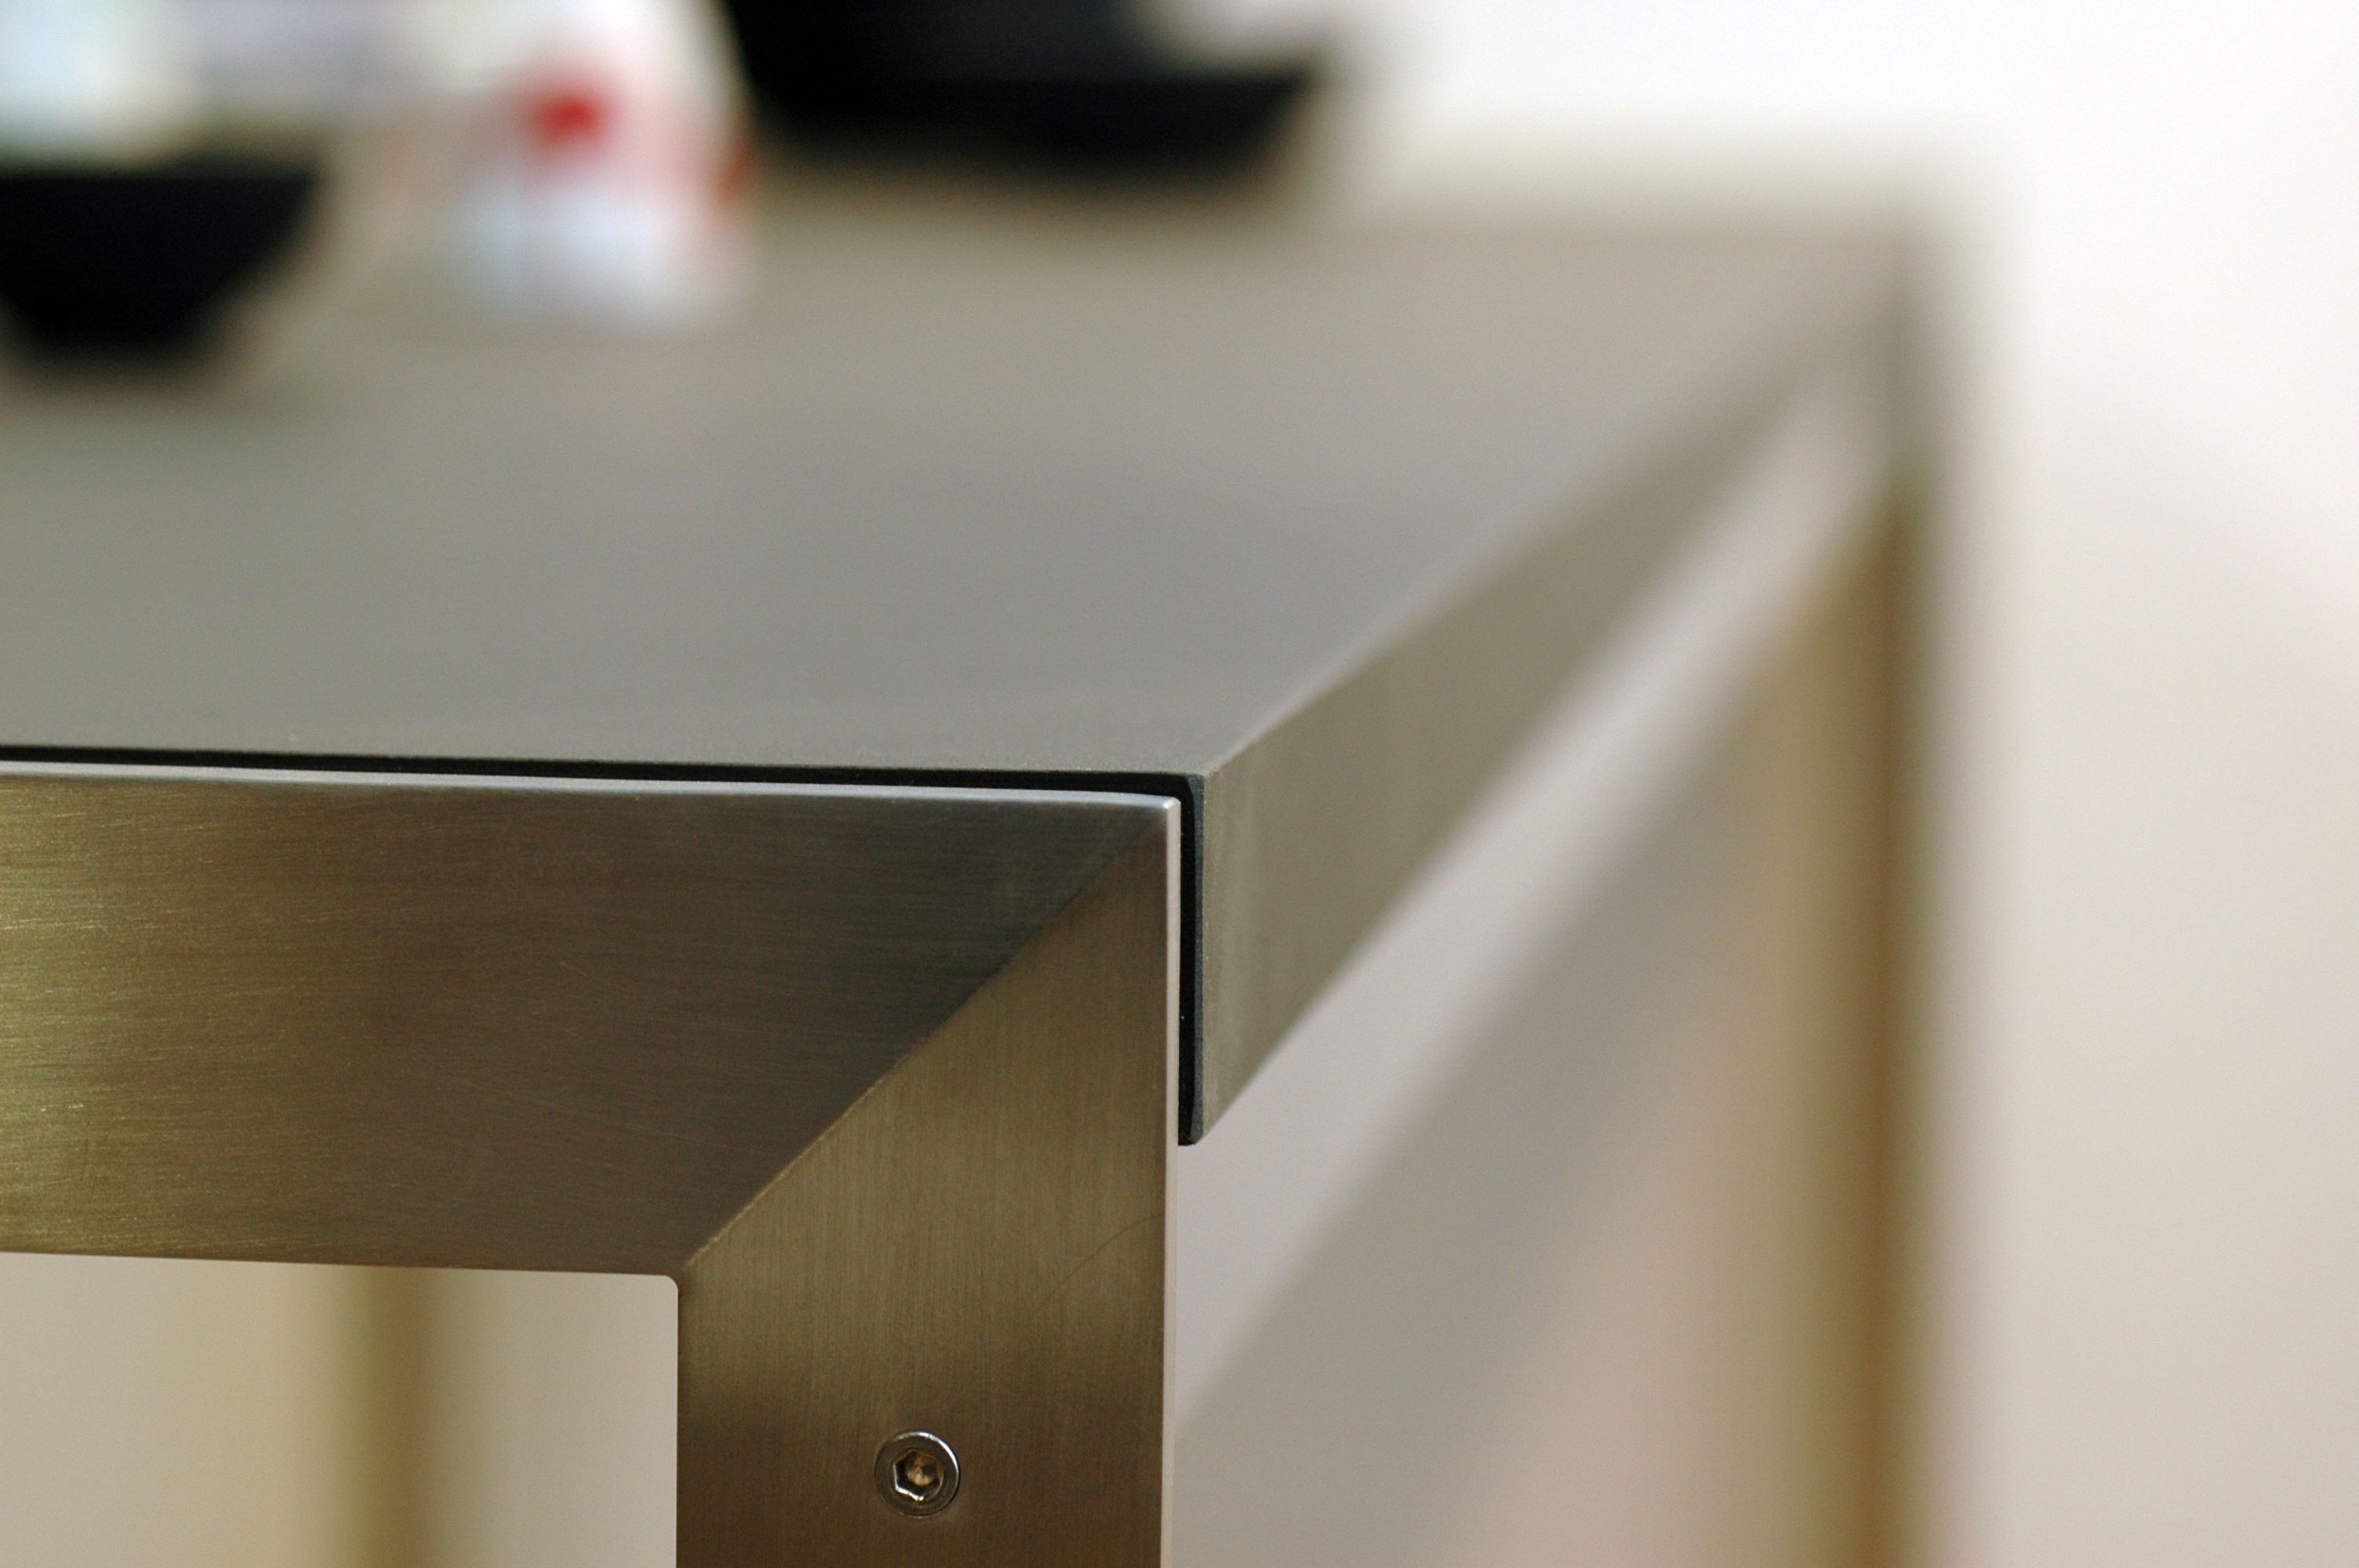 bord detalje peterboy overflade desktop furniture linoleum forbo interior design. Black Bedroom Furniture Sets. Home Design Ideas